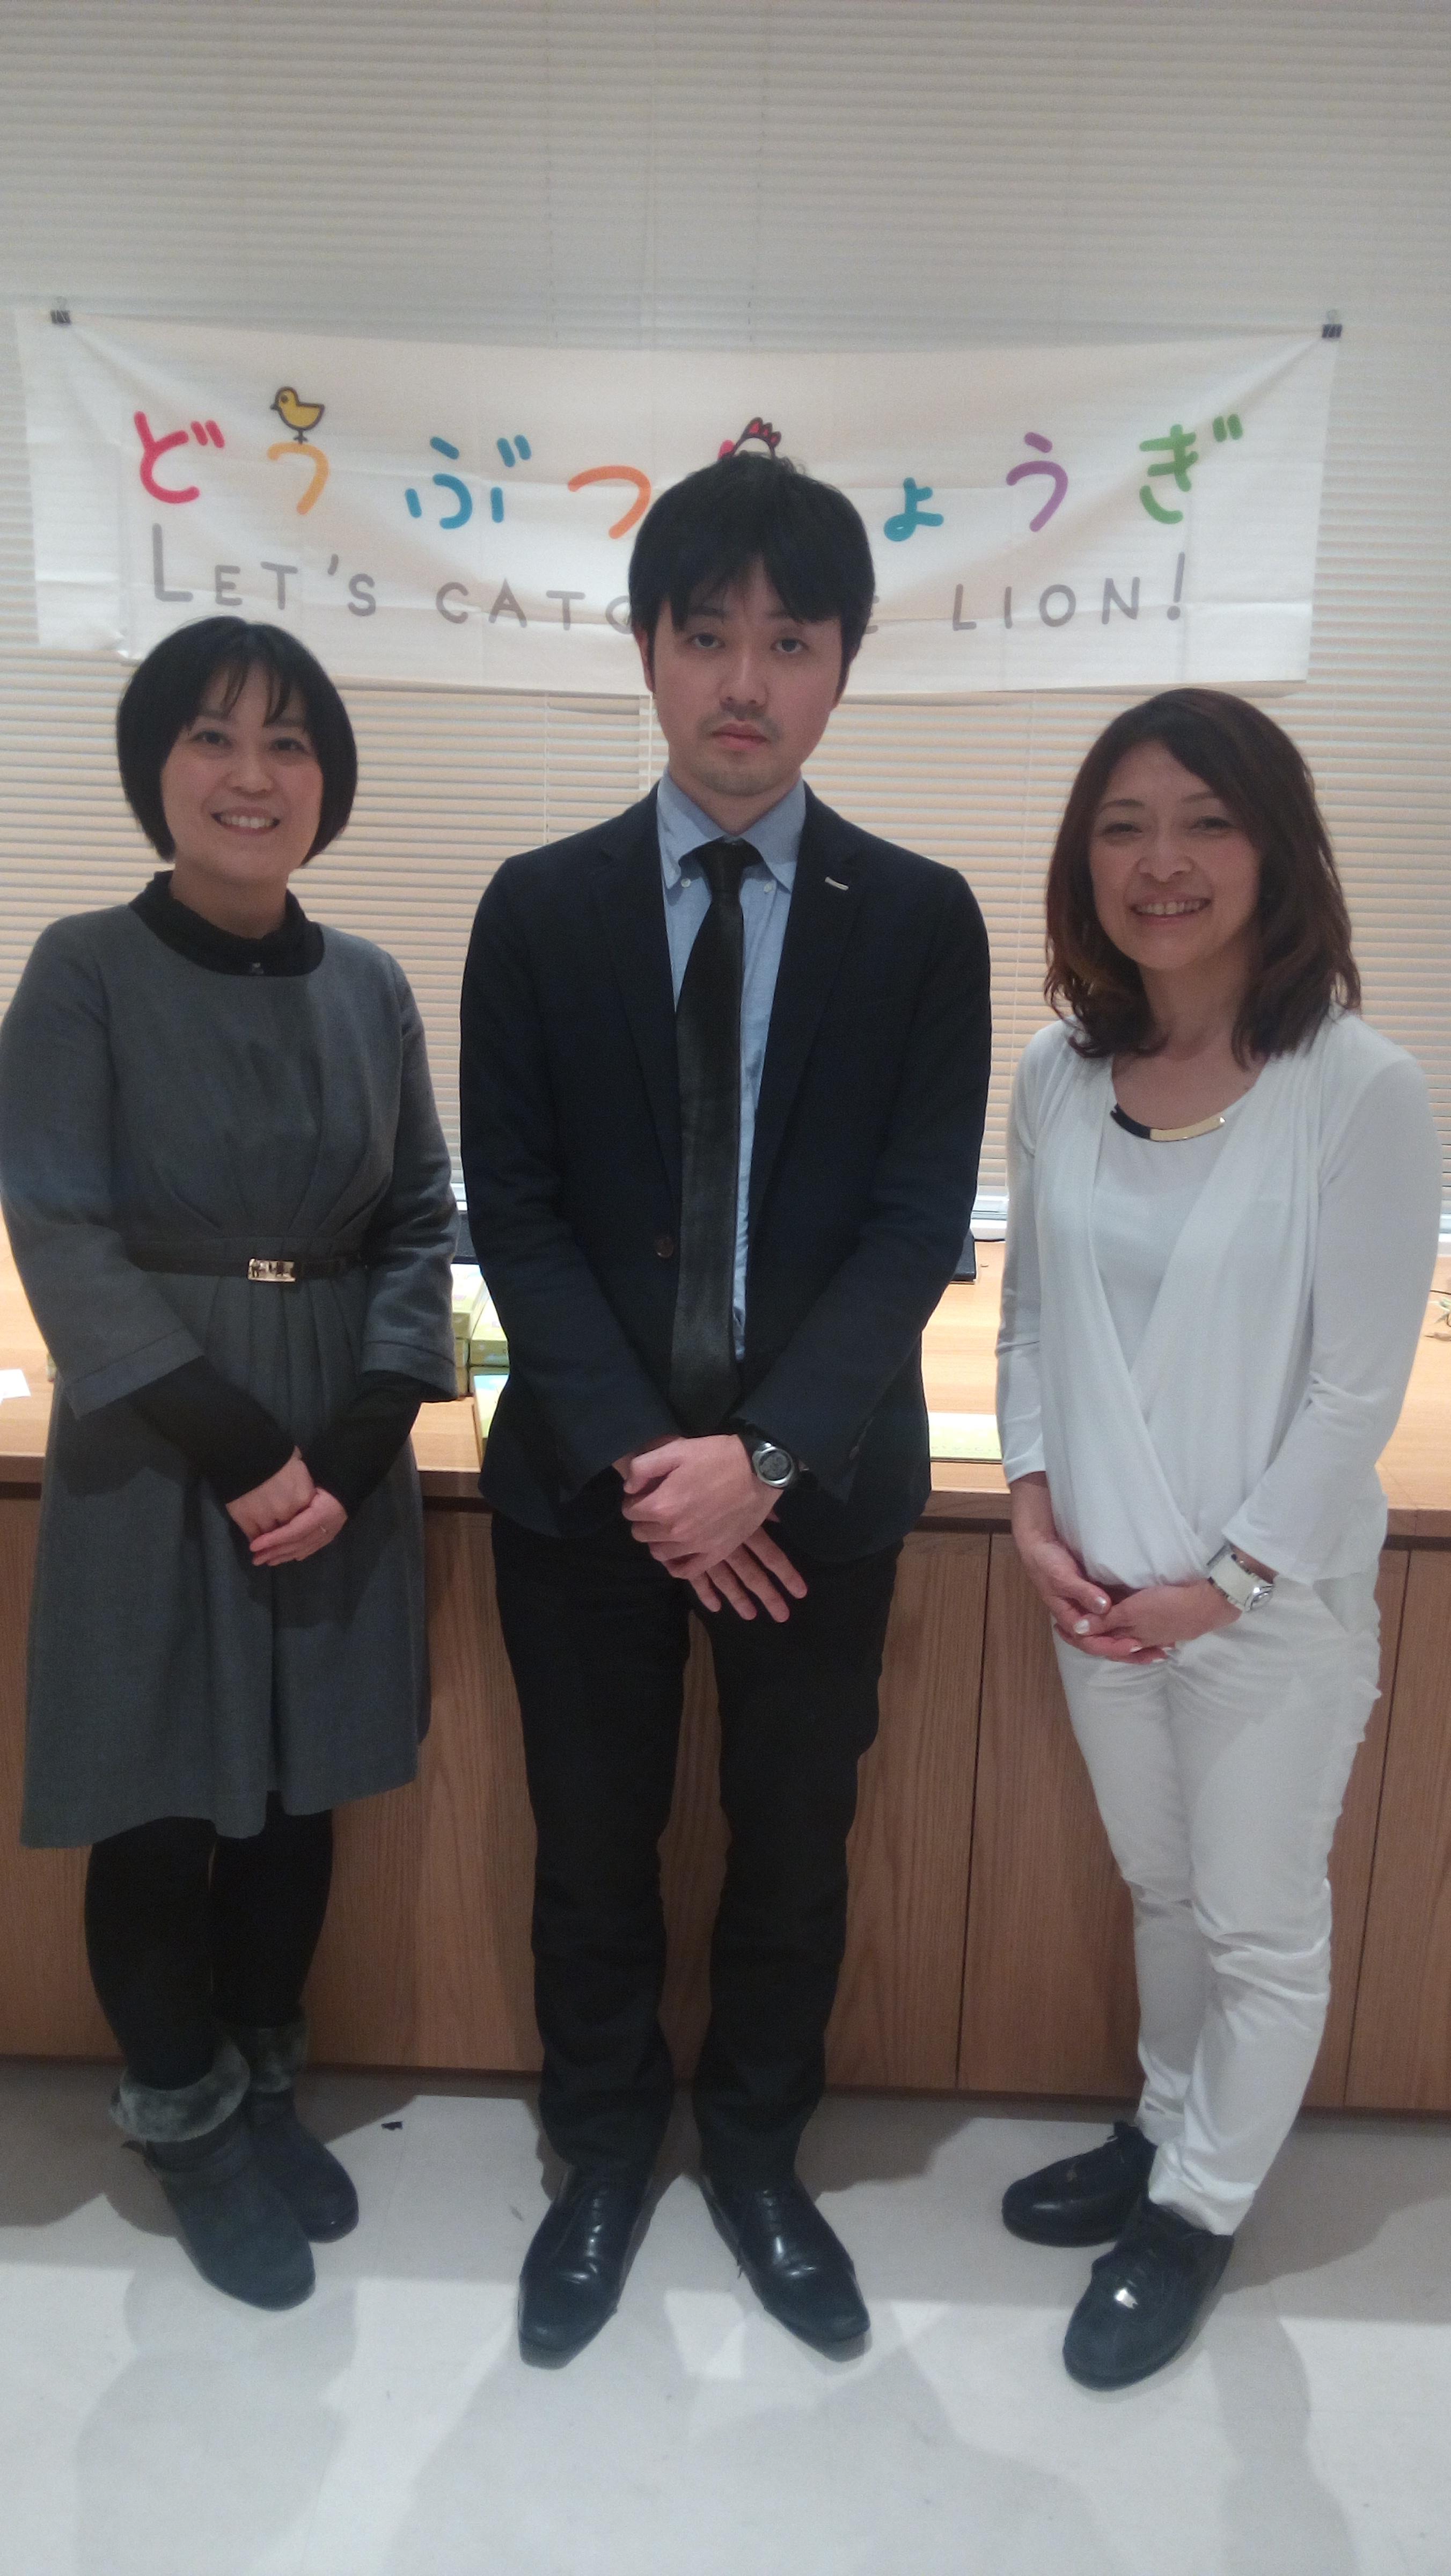 勝間さん、北尾さん、出席のイベントに出てきました